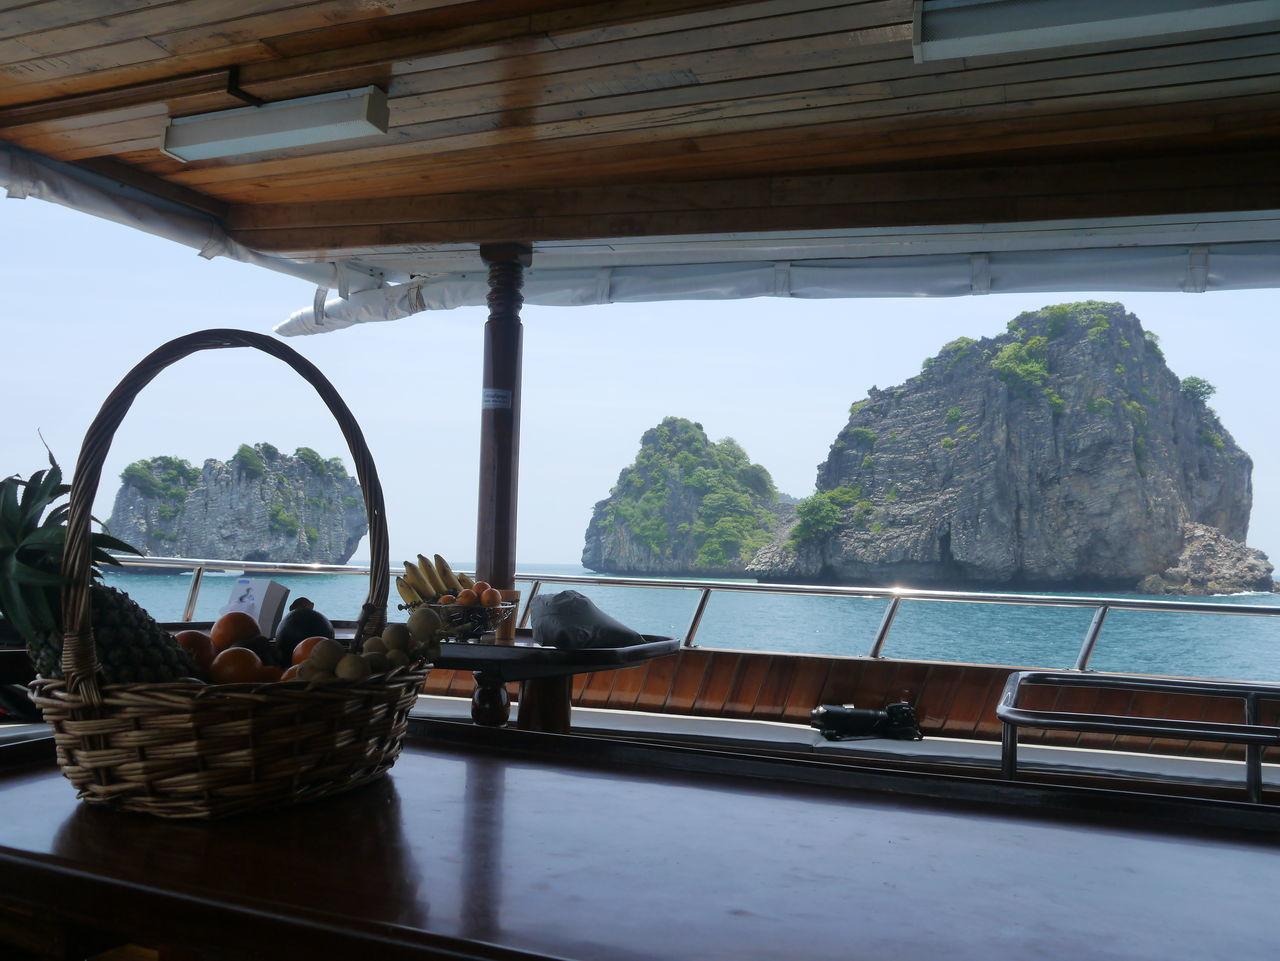 Andaman Andaman Sea Boat Limestone Limestone Islands Limestone Walls Limestonephotos Rock Formation Sea Water